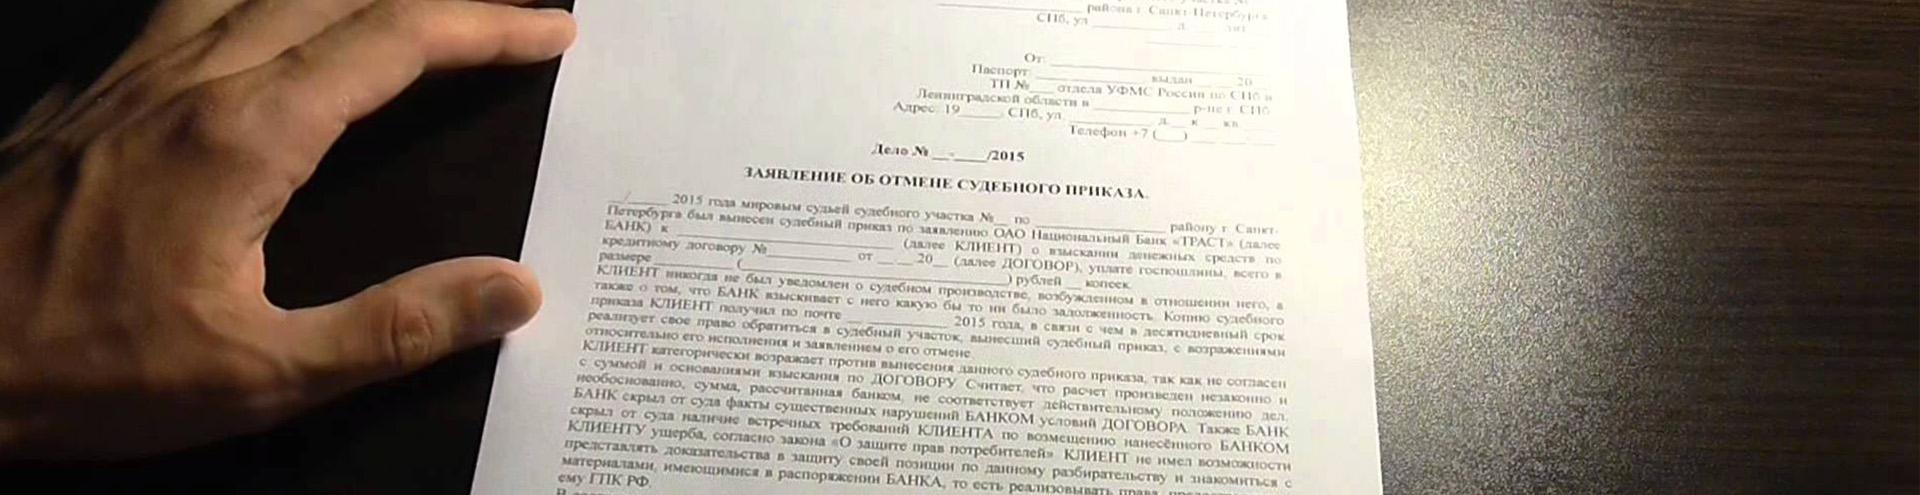 отмена судебного приказа в Пензе и Пензенской области